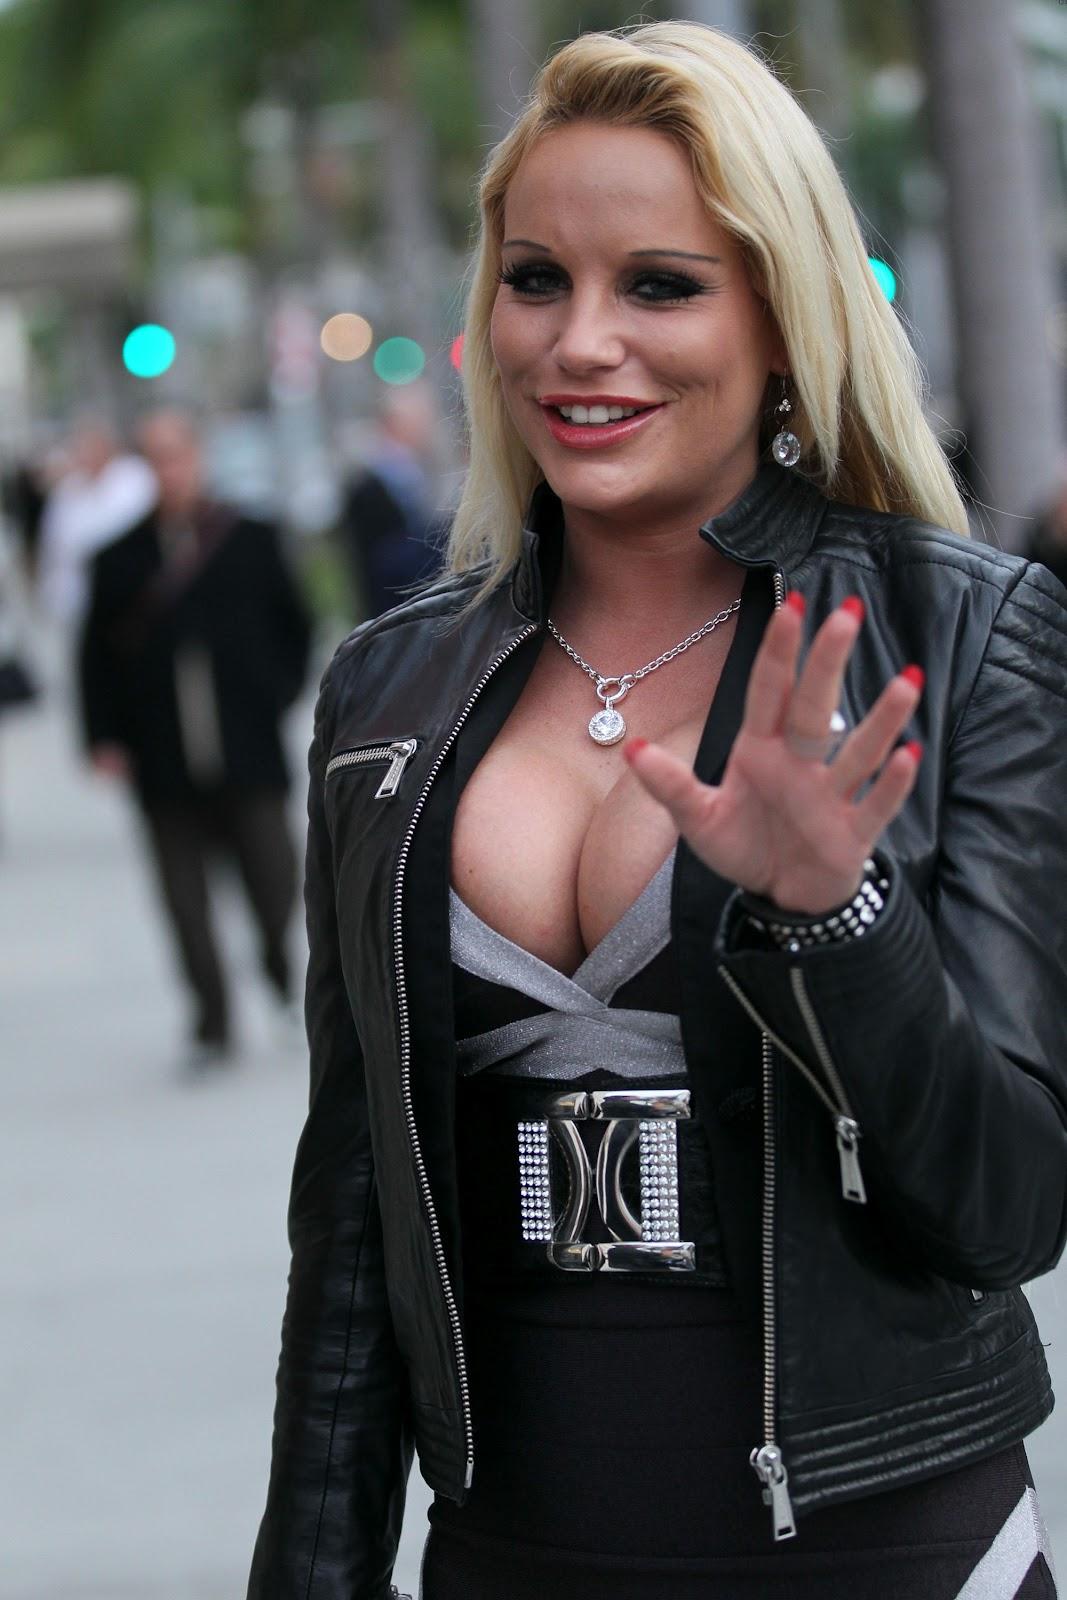 http://3.bp.blogspot.com/-NT0VW7i9Xf4/TzfjPTy9xrI/AAAAAAAAFsI/sY349G1oOUo/s1600/Gina+Lisa+Lohfink+(1).jpg